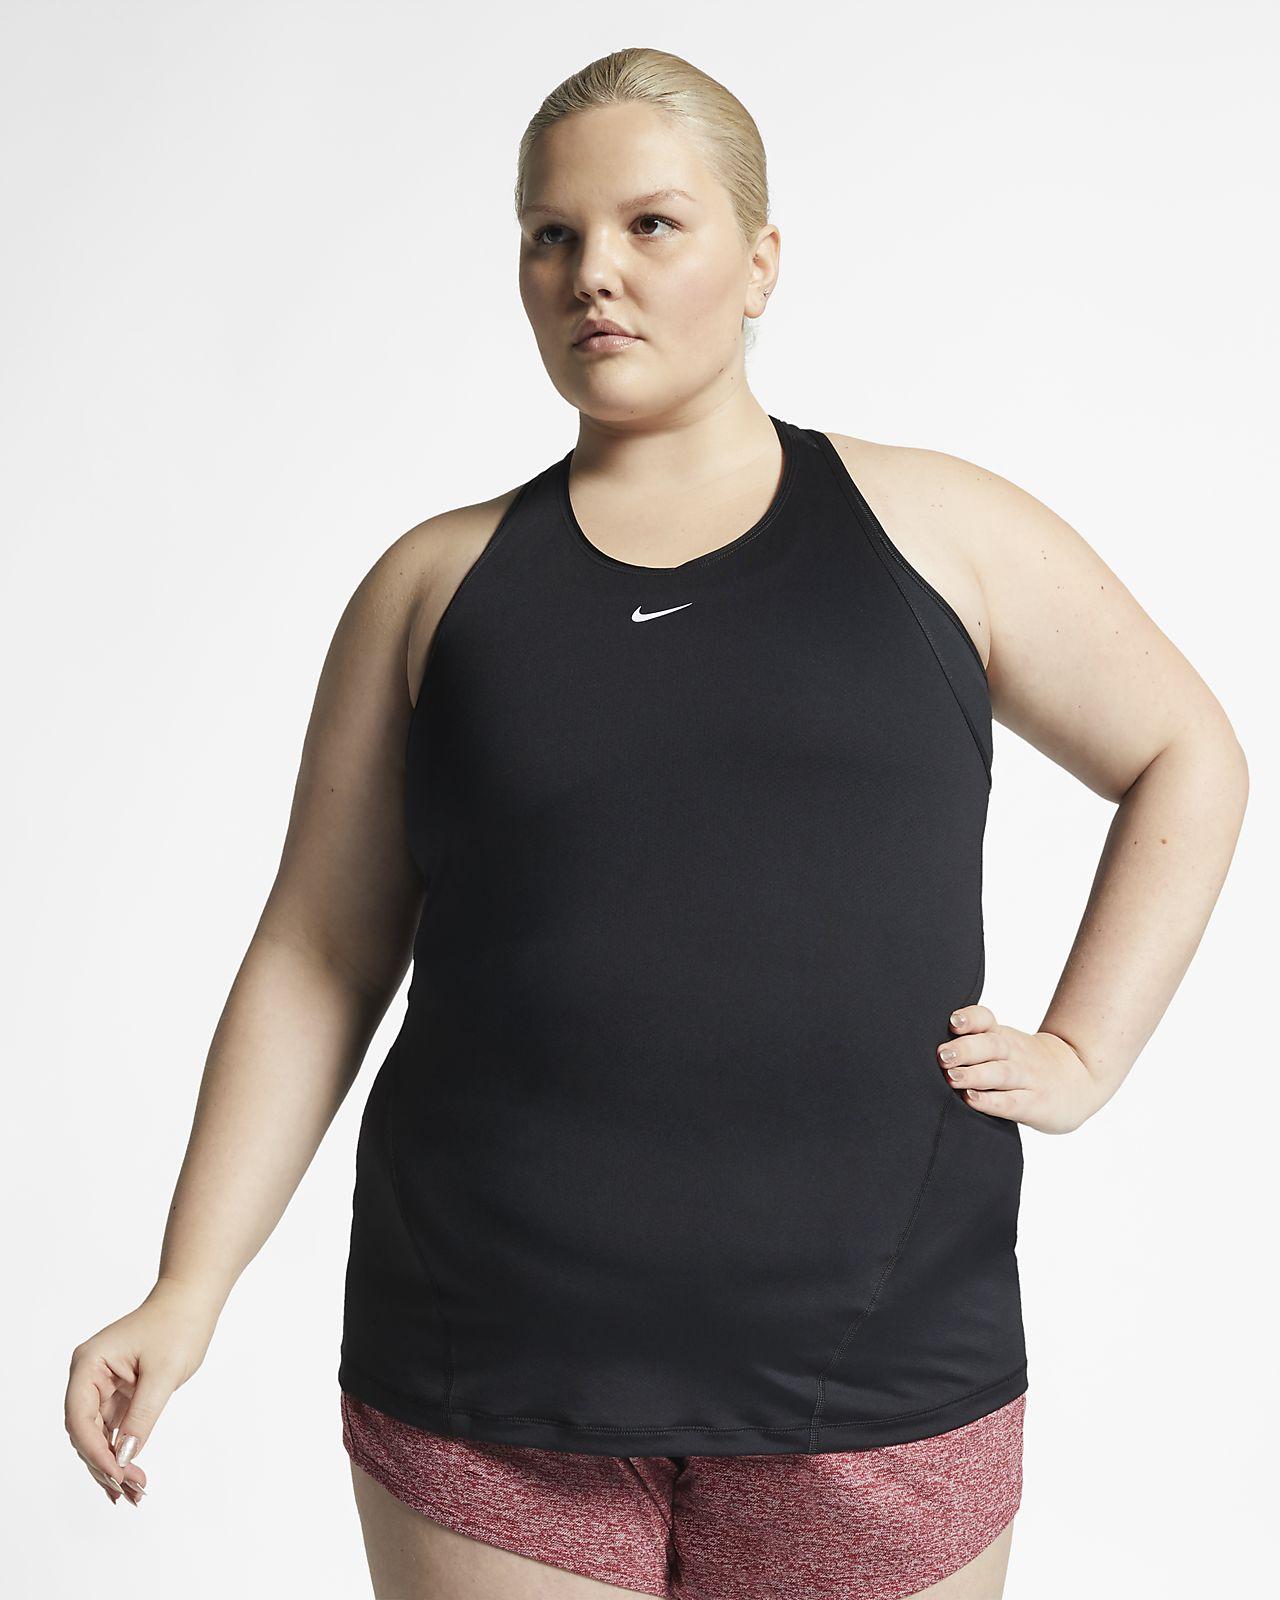 Dámské tílko Nike Pro s celoplošnou síťovinou (větší velikost)